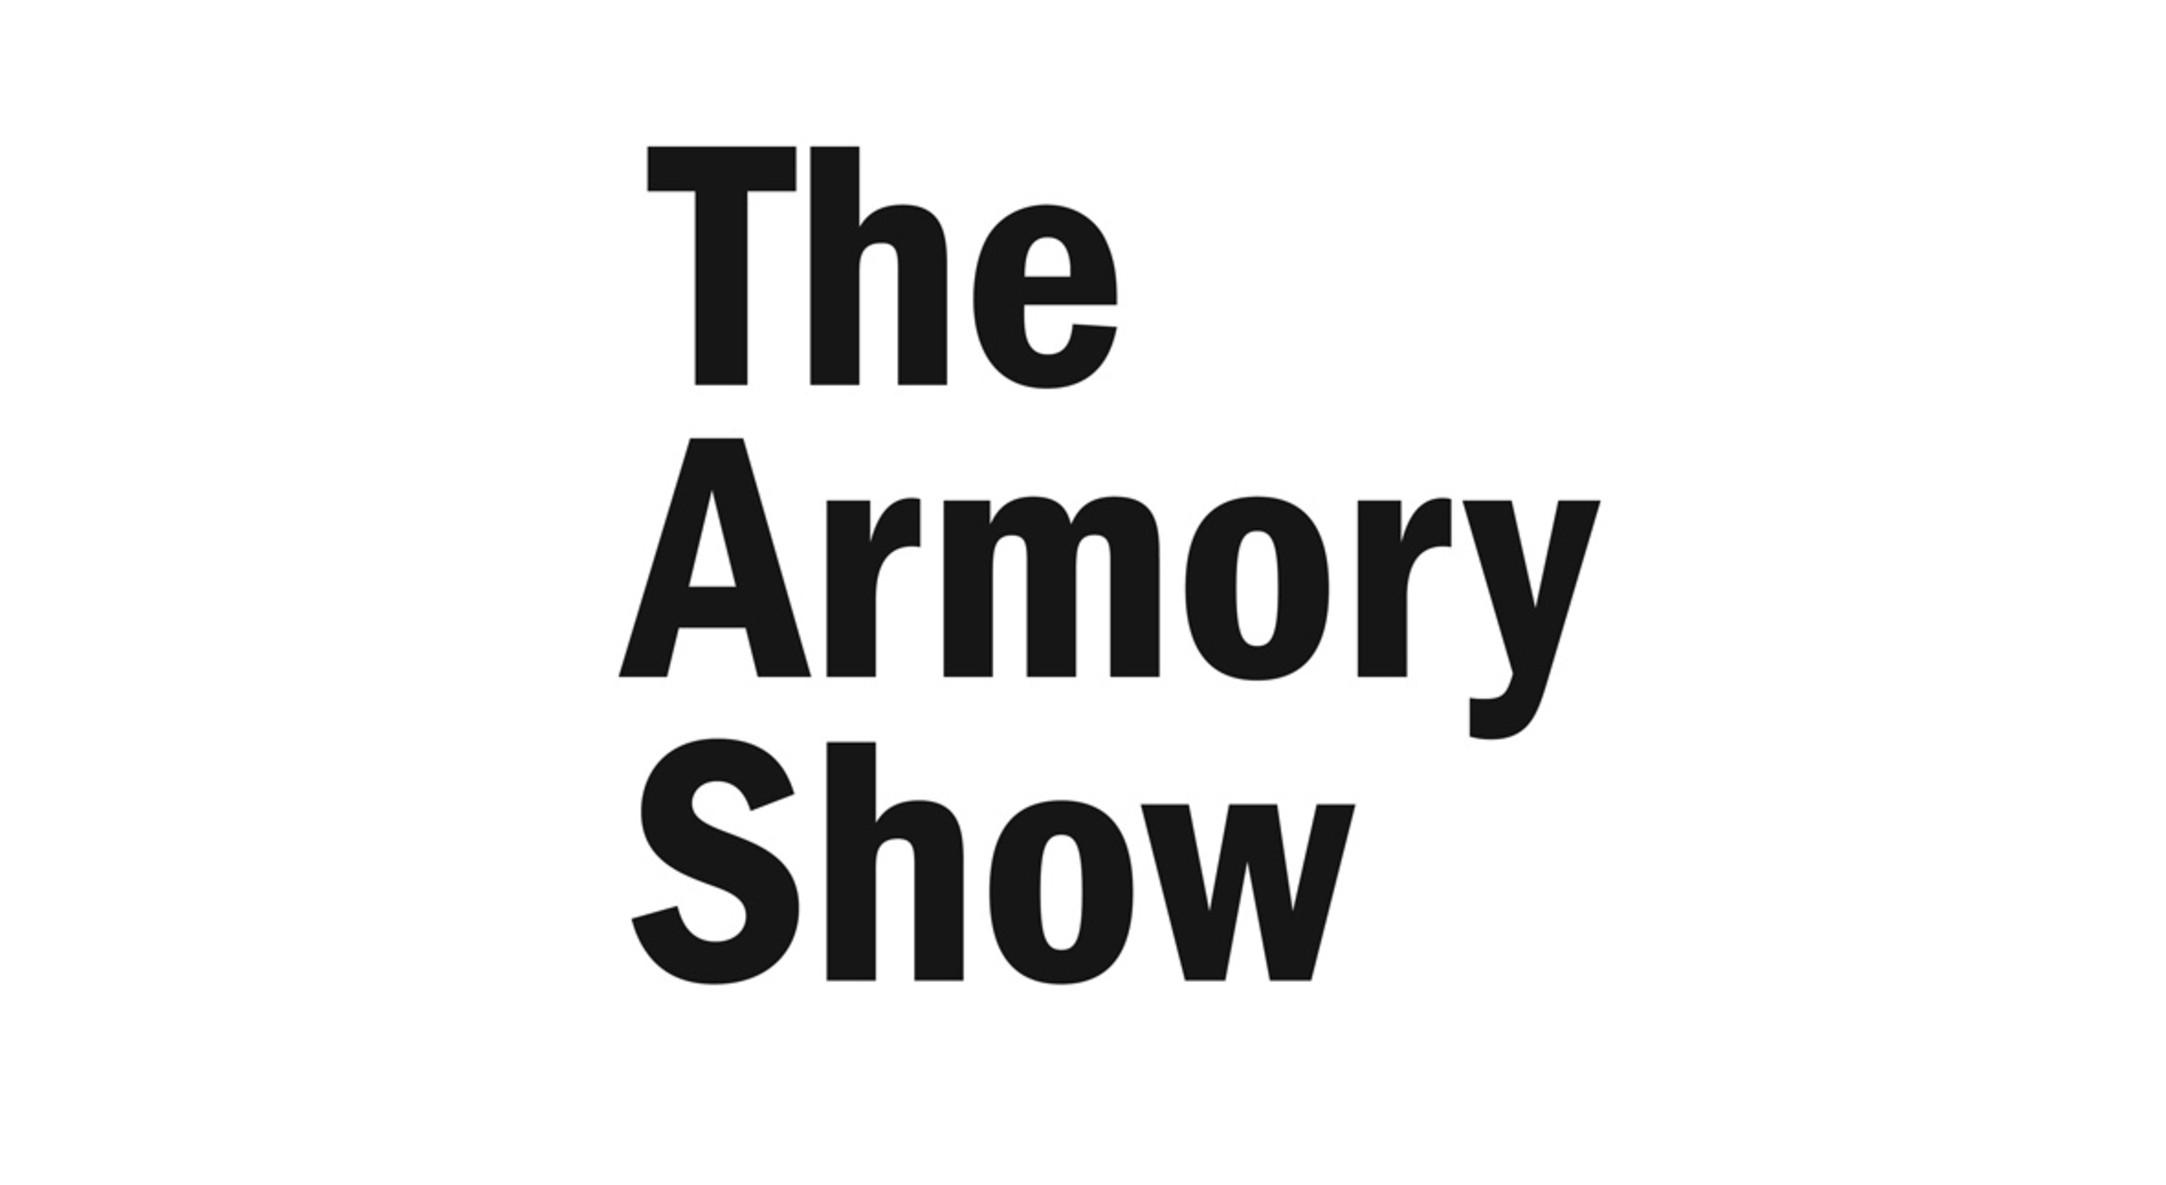 The Armory Show logo